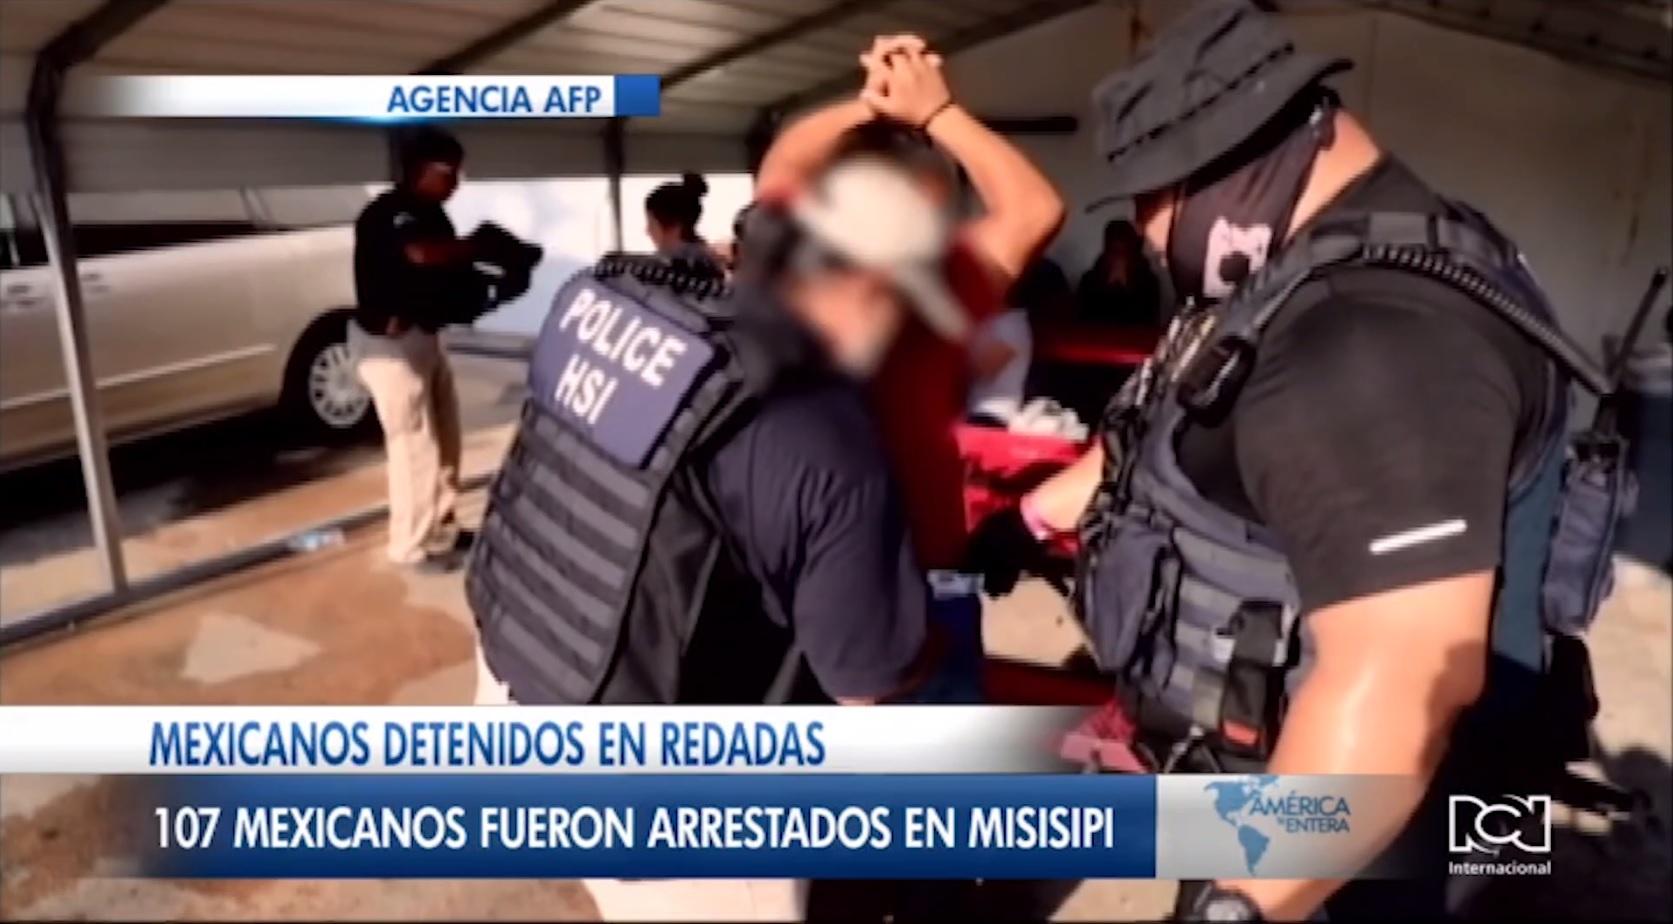 México ofrecerá ayuda consular a los connacionales detenidos durante las redadas en EEUU